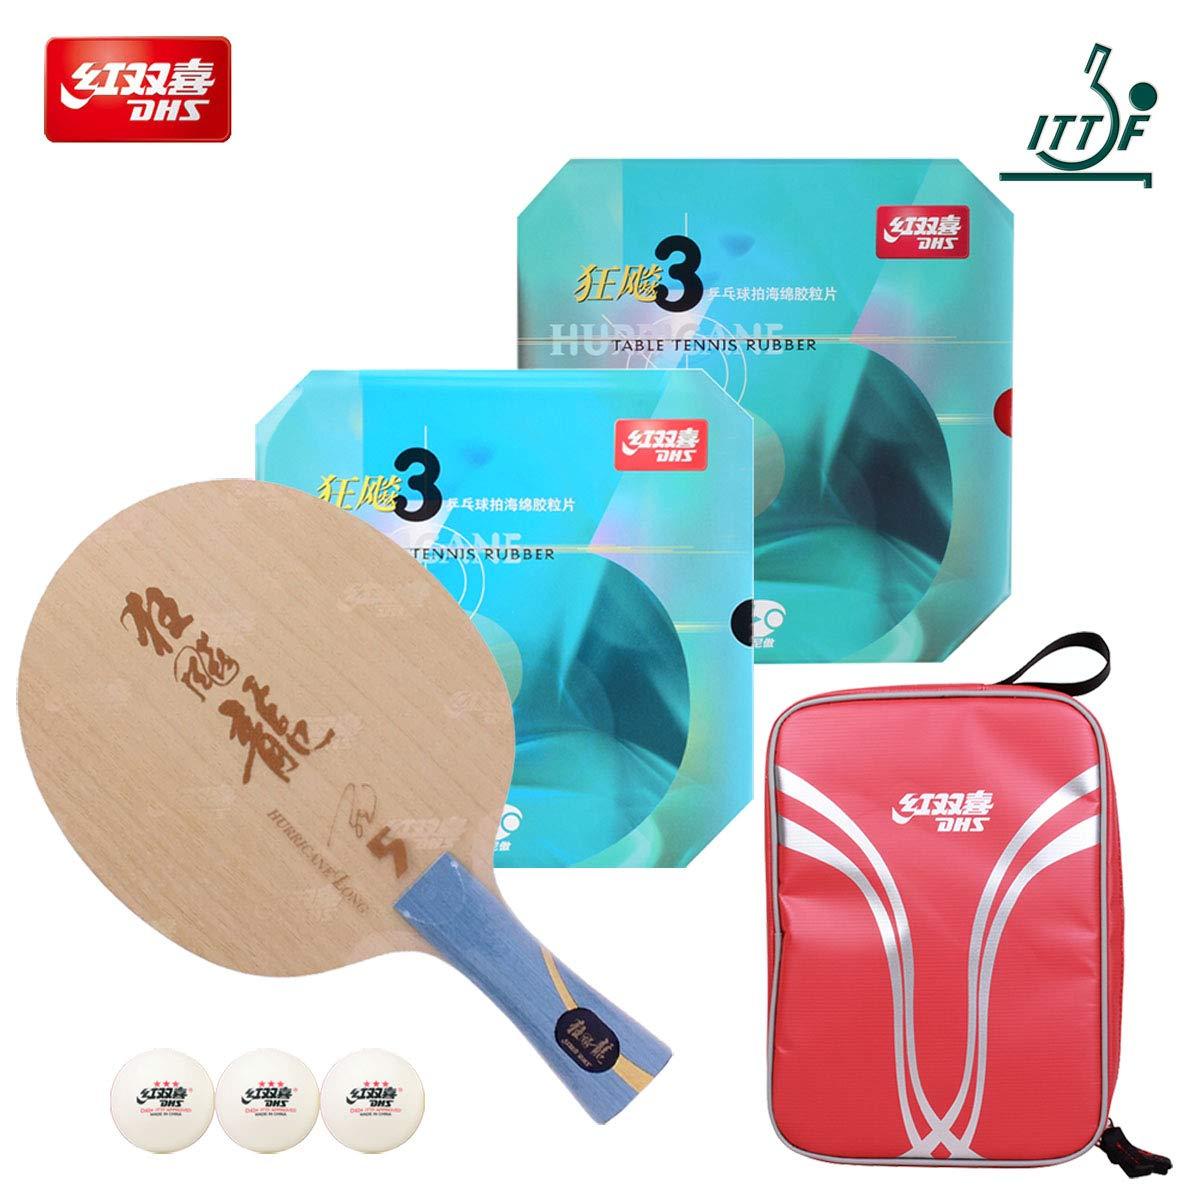 DHS 手作業で組み立てられたプロフェッショナル卓球ラケット - プロの卓球ラケット パドルコンビネーション 卓球用ブレード卓球ラケット - ITTF承認トーナメントピンポンラケット B07JHNKN9K